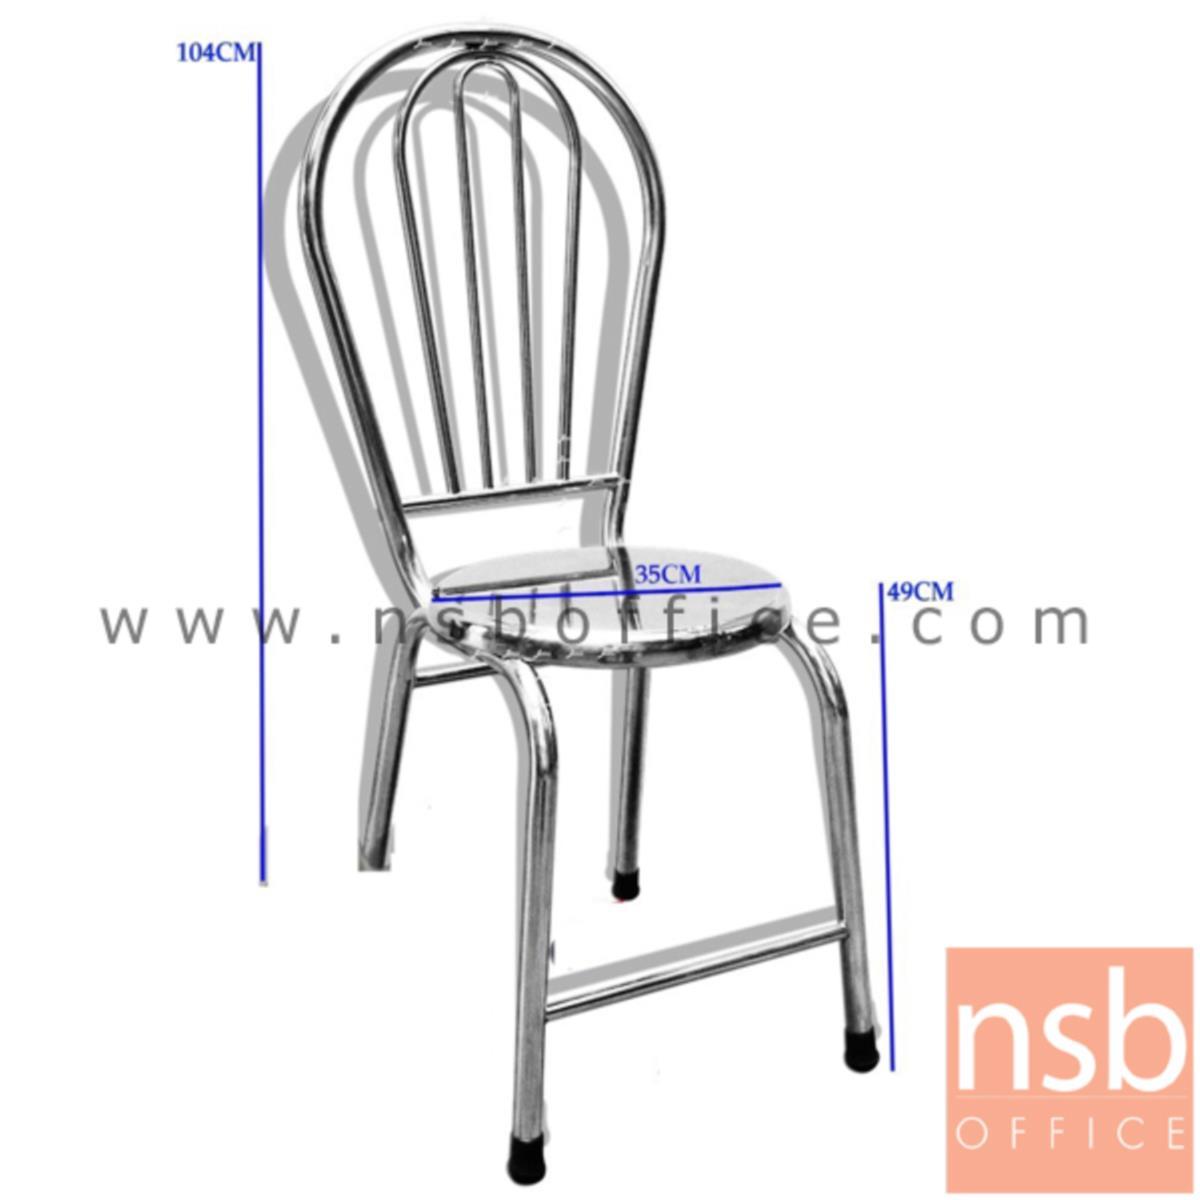 G12A203:เก้าอี้เอนกประสงค์สเตนเลส พนักพิงโค้ง รุ่น KJ-631